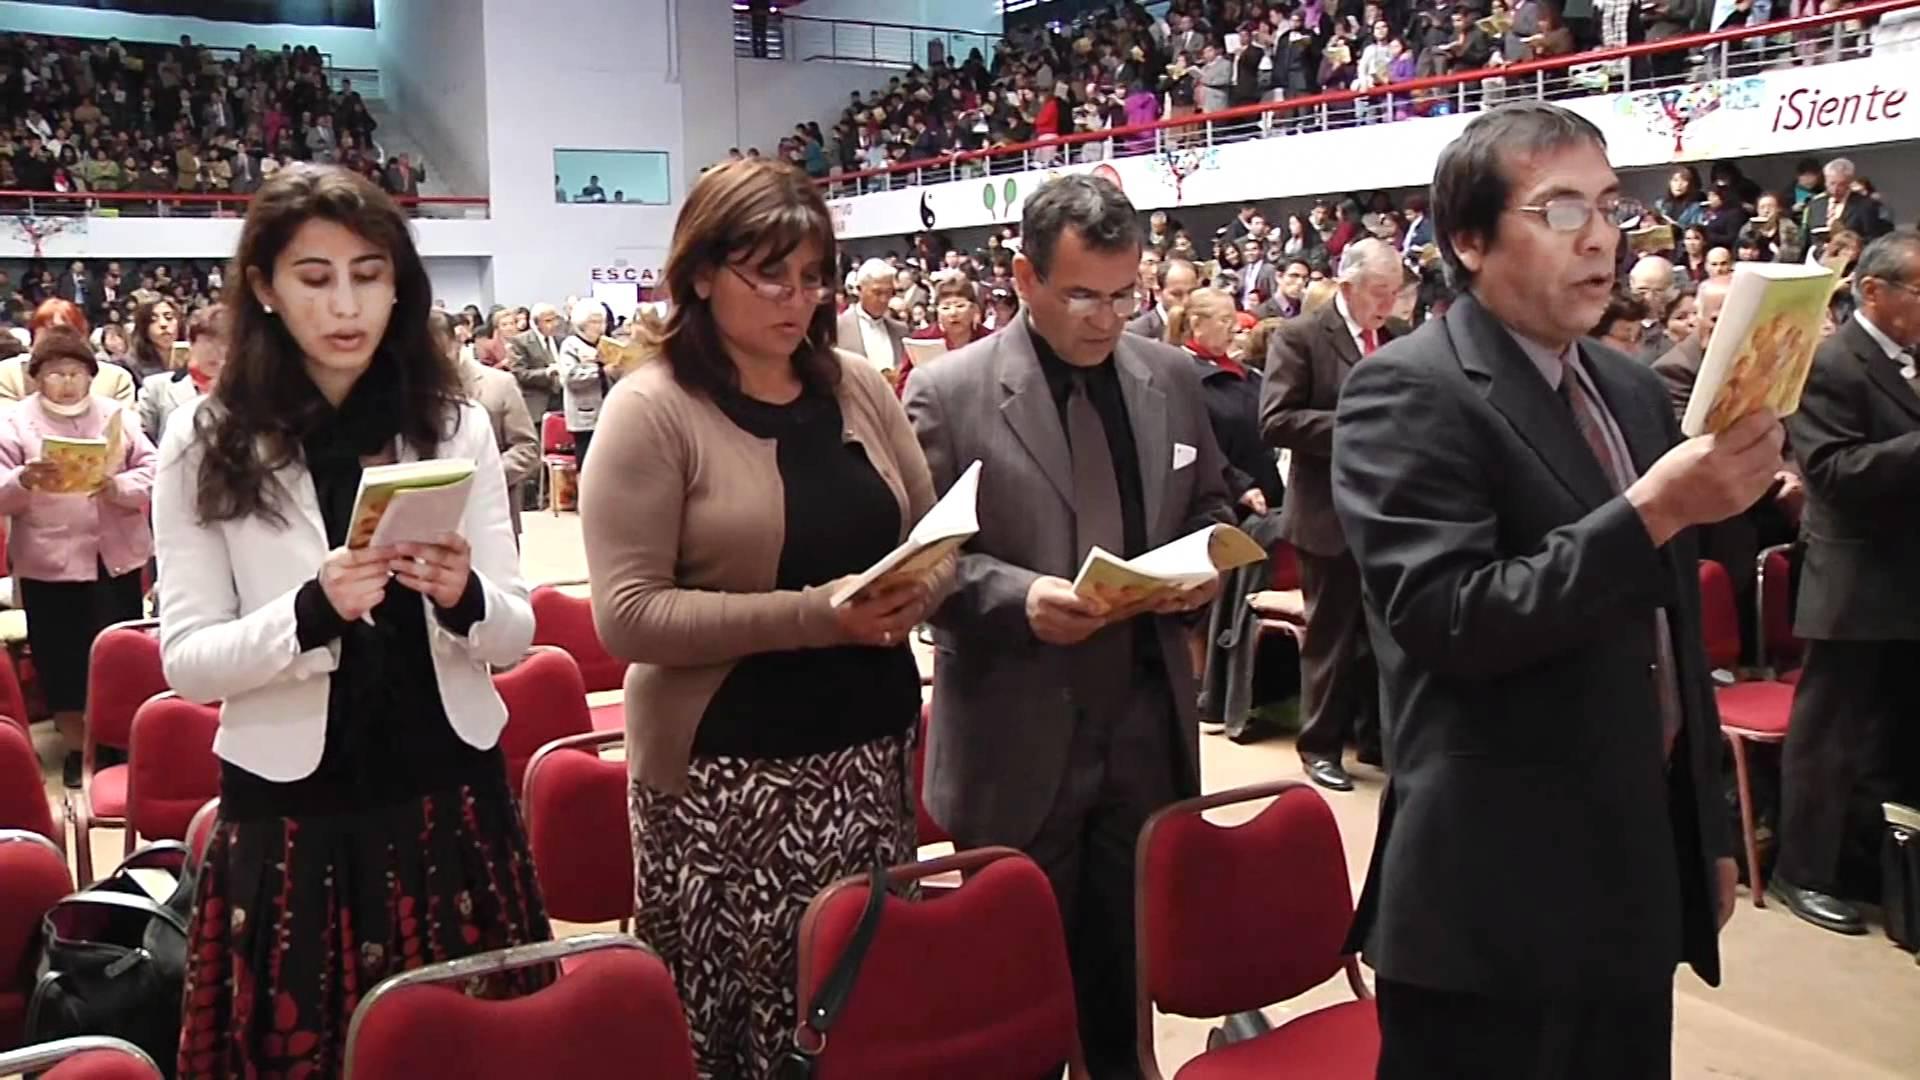 ¡Suspenden actividades de Testigos de Jehová por extremistas!